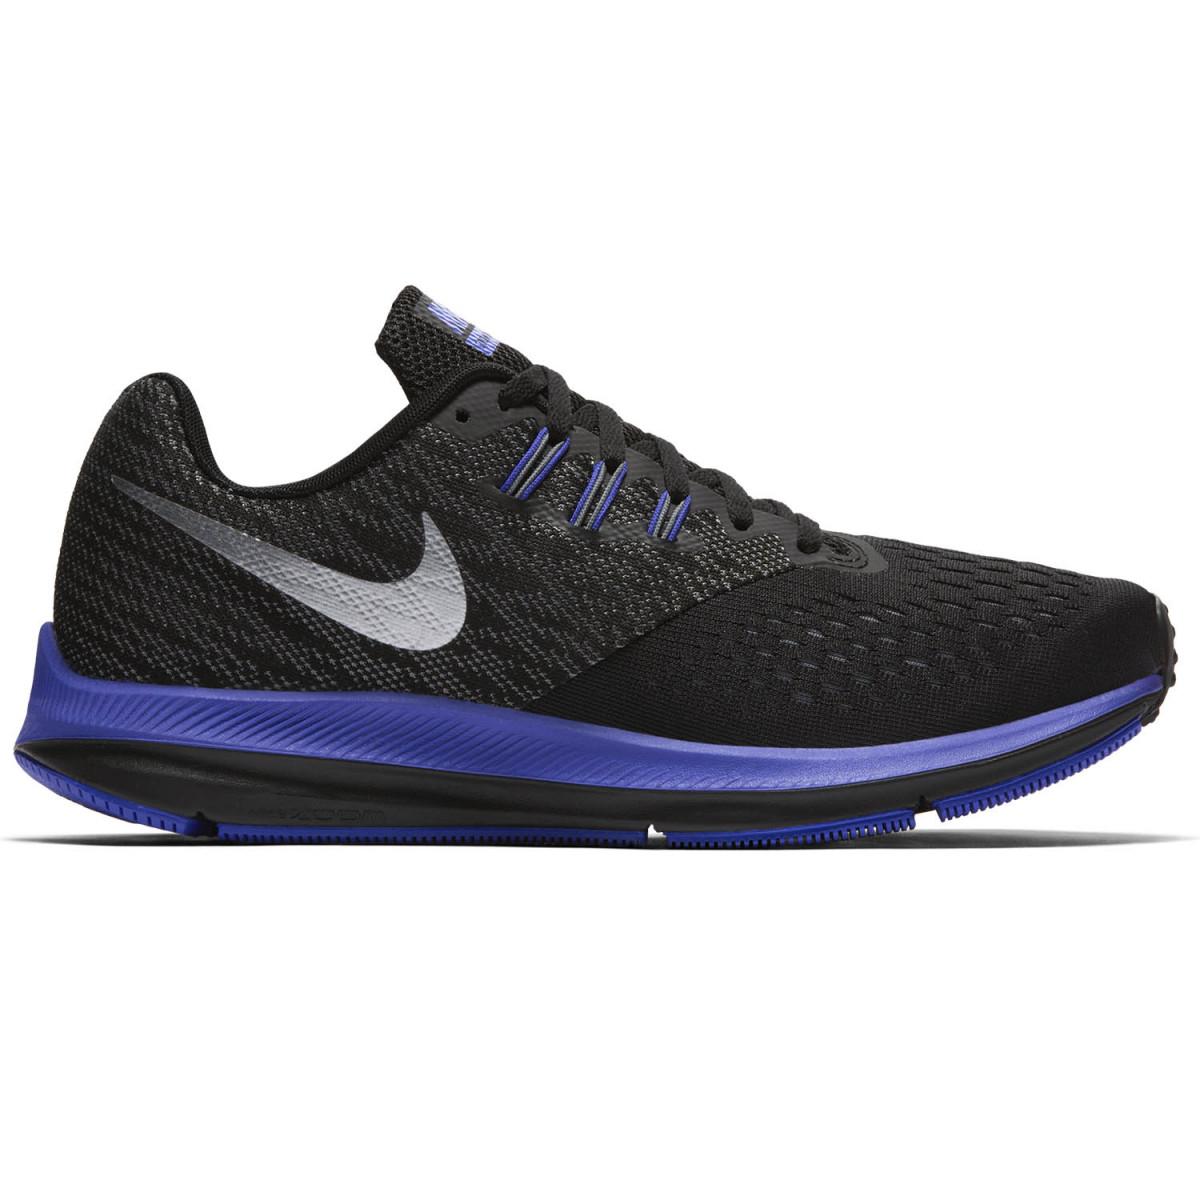 Zapatillas Nike Wmns Zoom Winflo 4